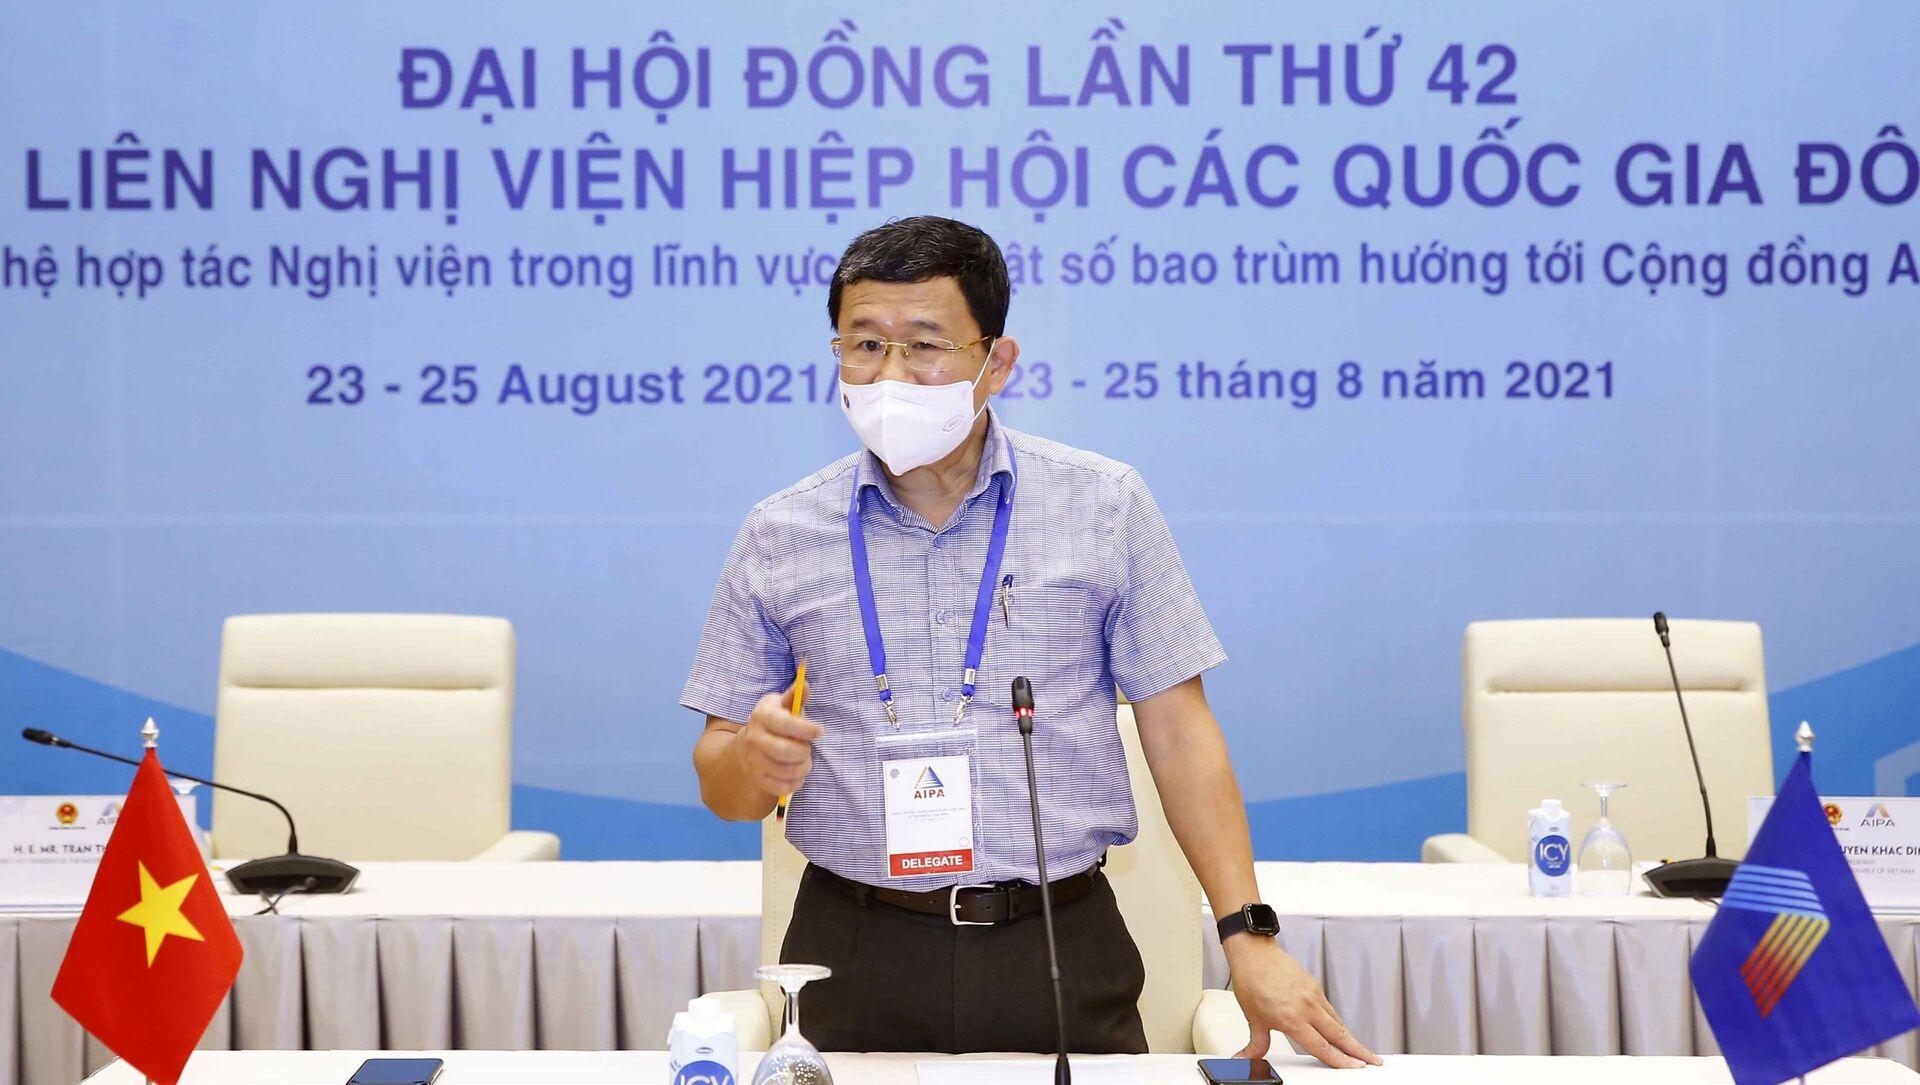 Chủ nhiệm Ủy ban Đối ngoại của Quốc hội Vũ Hải Hà phát biểu - Sputnik Việt Nam, 1920, 22.08.2021